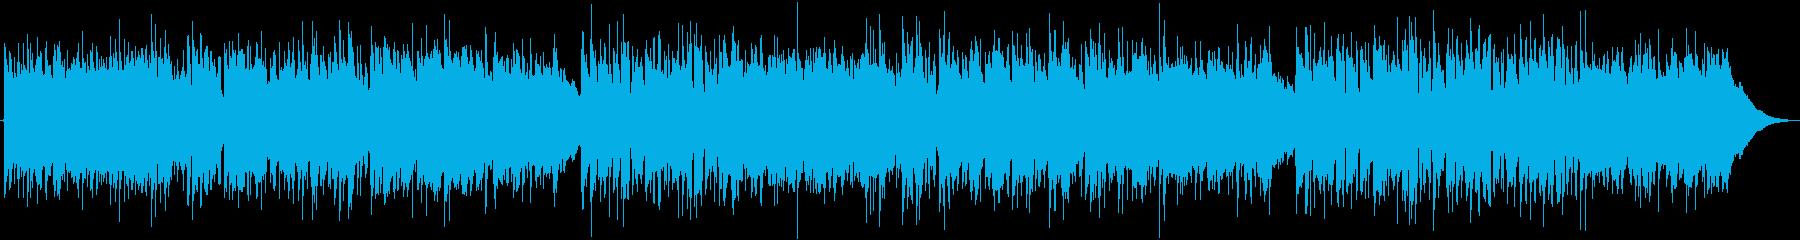 アコギ 生演奏 カントリー 軽快 ハネ系の再生済みの波形